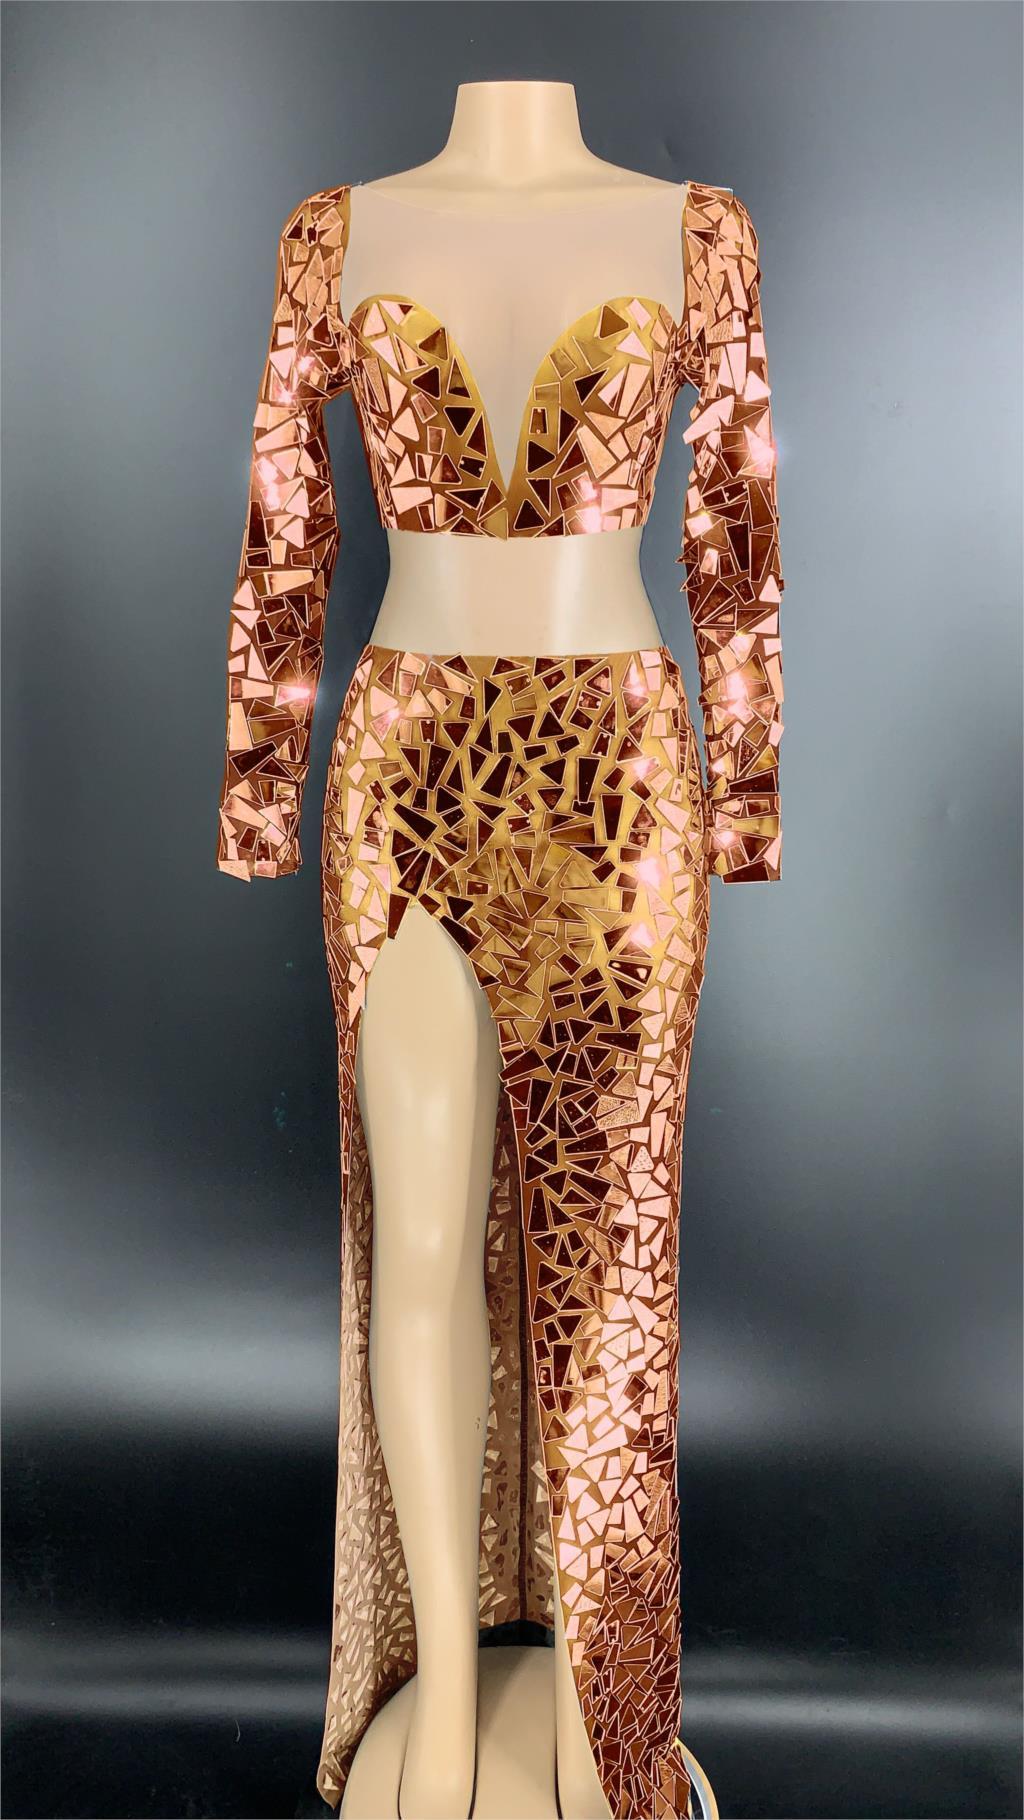 تي شيرت شفاف مع مرآة فضية للنساء ، تنورة طويلة ، فستان حفلات أعياد الميلاد ، ملابس رقص ، عدسات لامعة ، مجموعة جديدة 2020